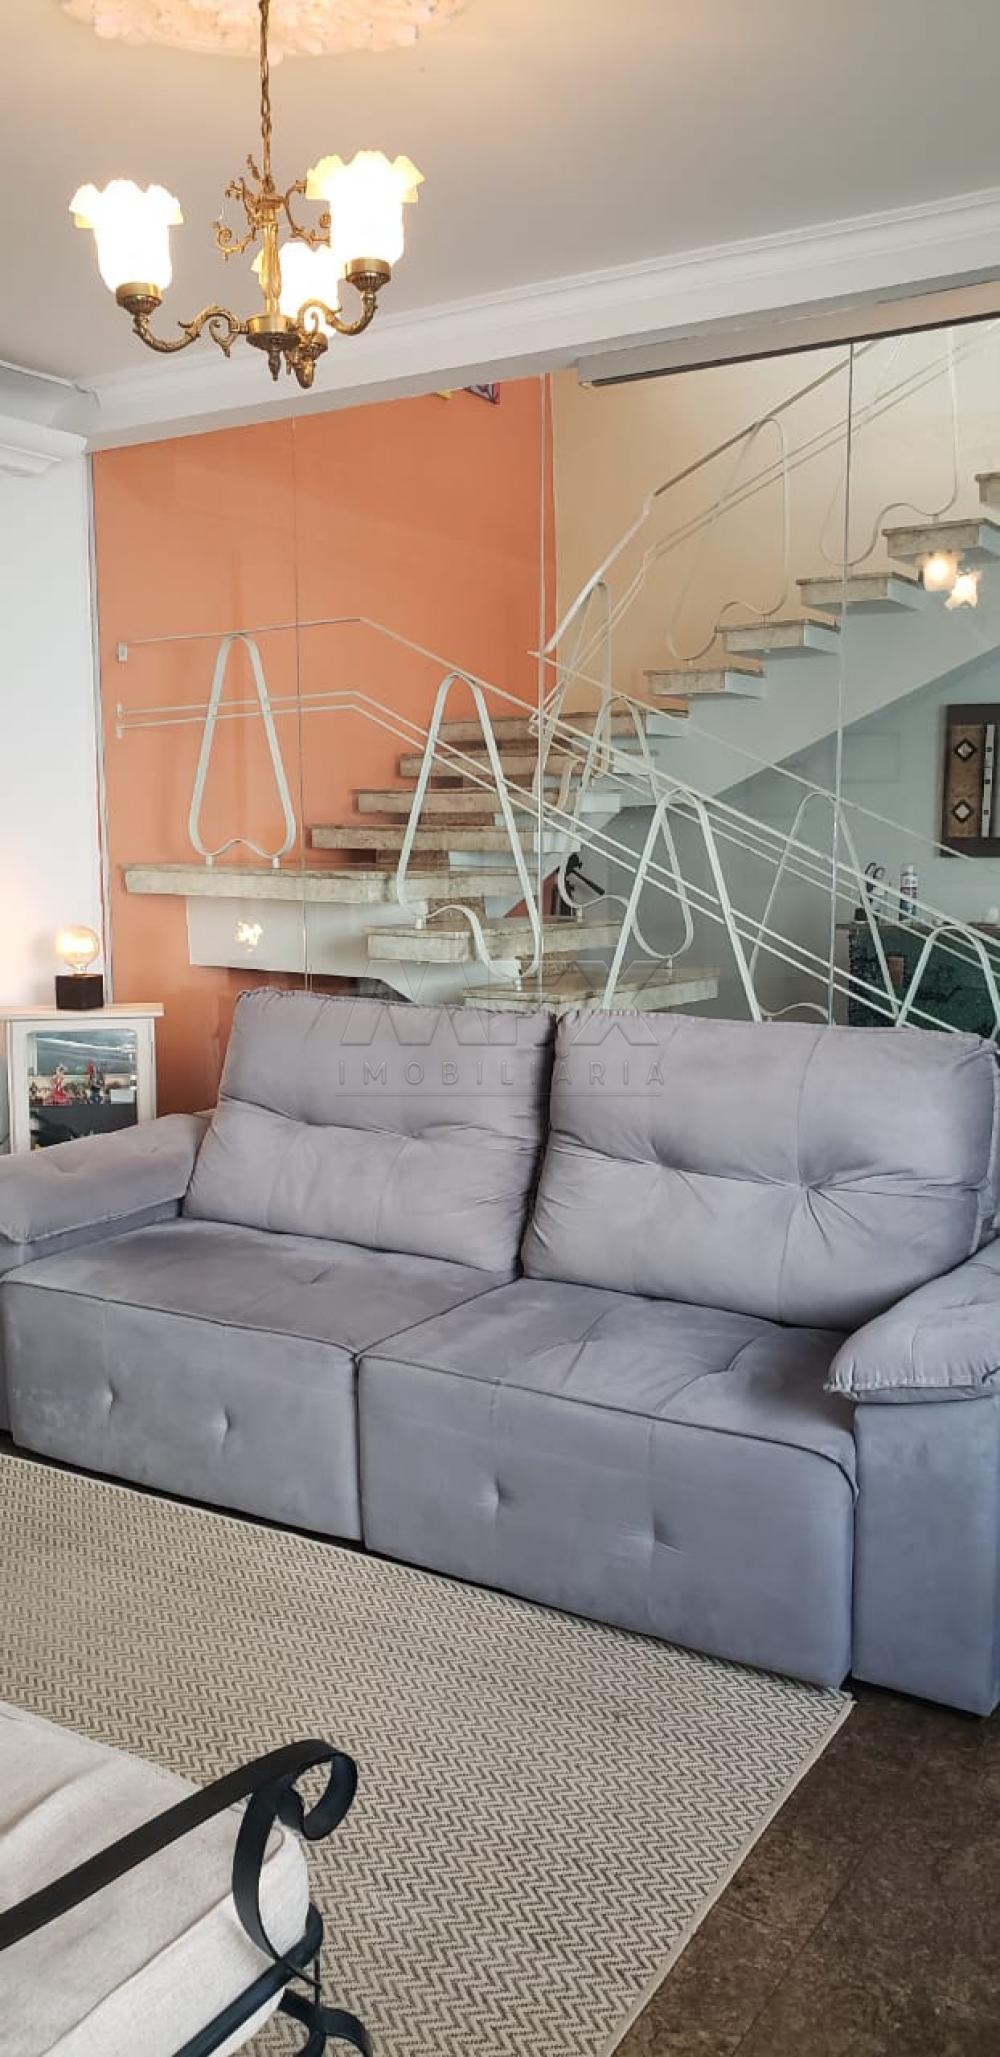 Comprar Casa / Sobrado em Bauru apenas R$ 1.100.000,00 - Foto 2